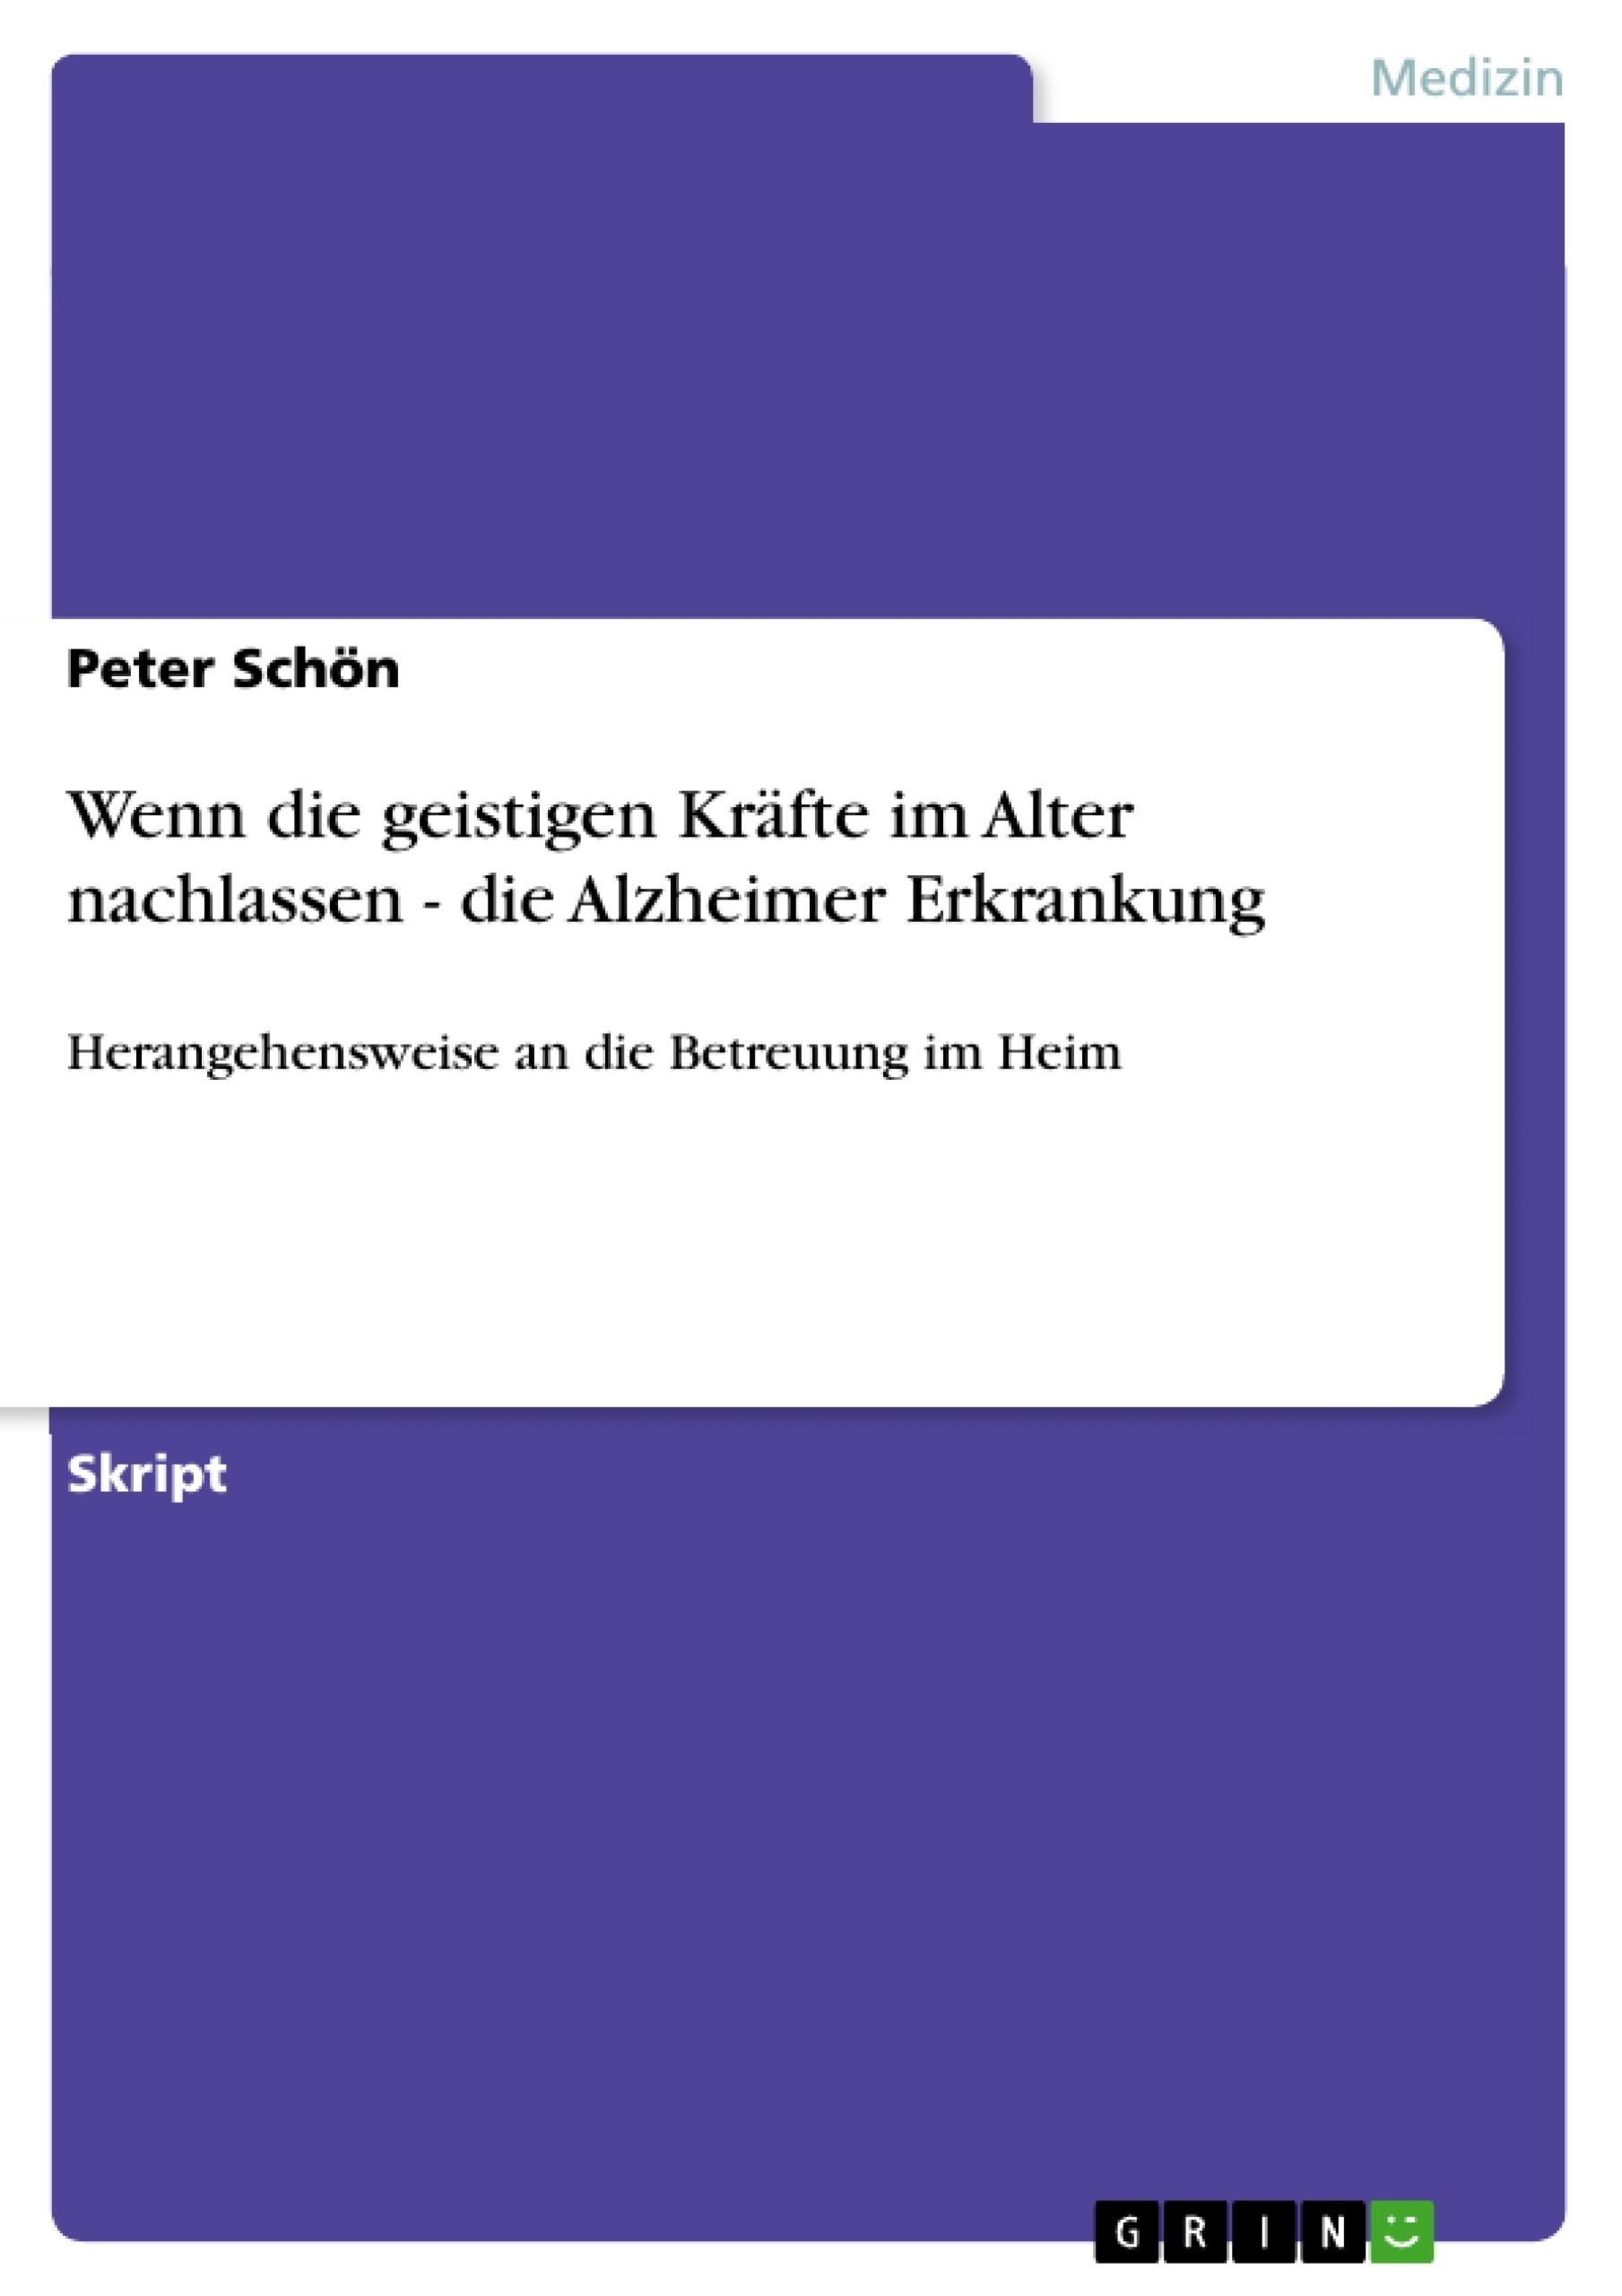 Titel: Wenn die geistigen Kräfte im Alter nachlassen - die Alzheimer Erkrankung